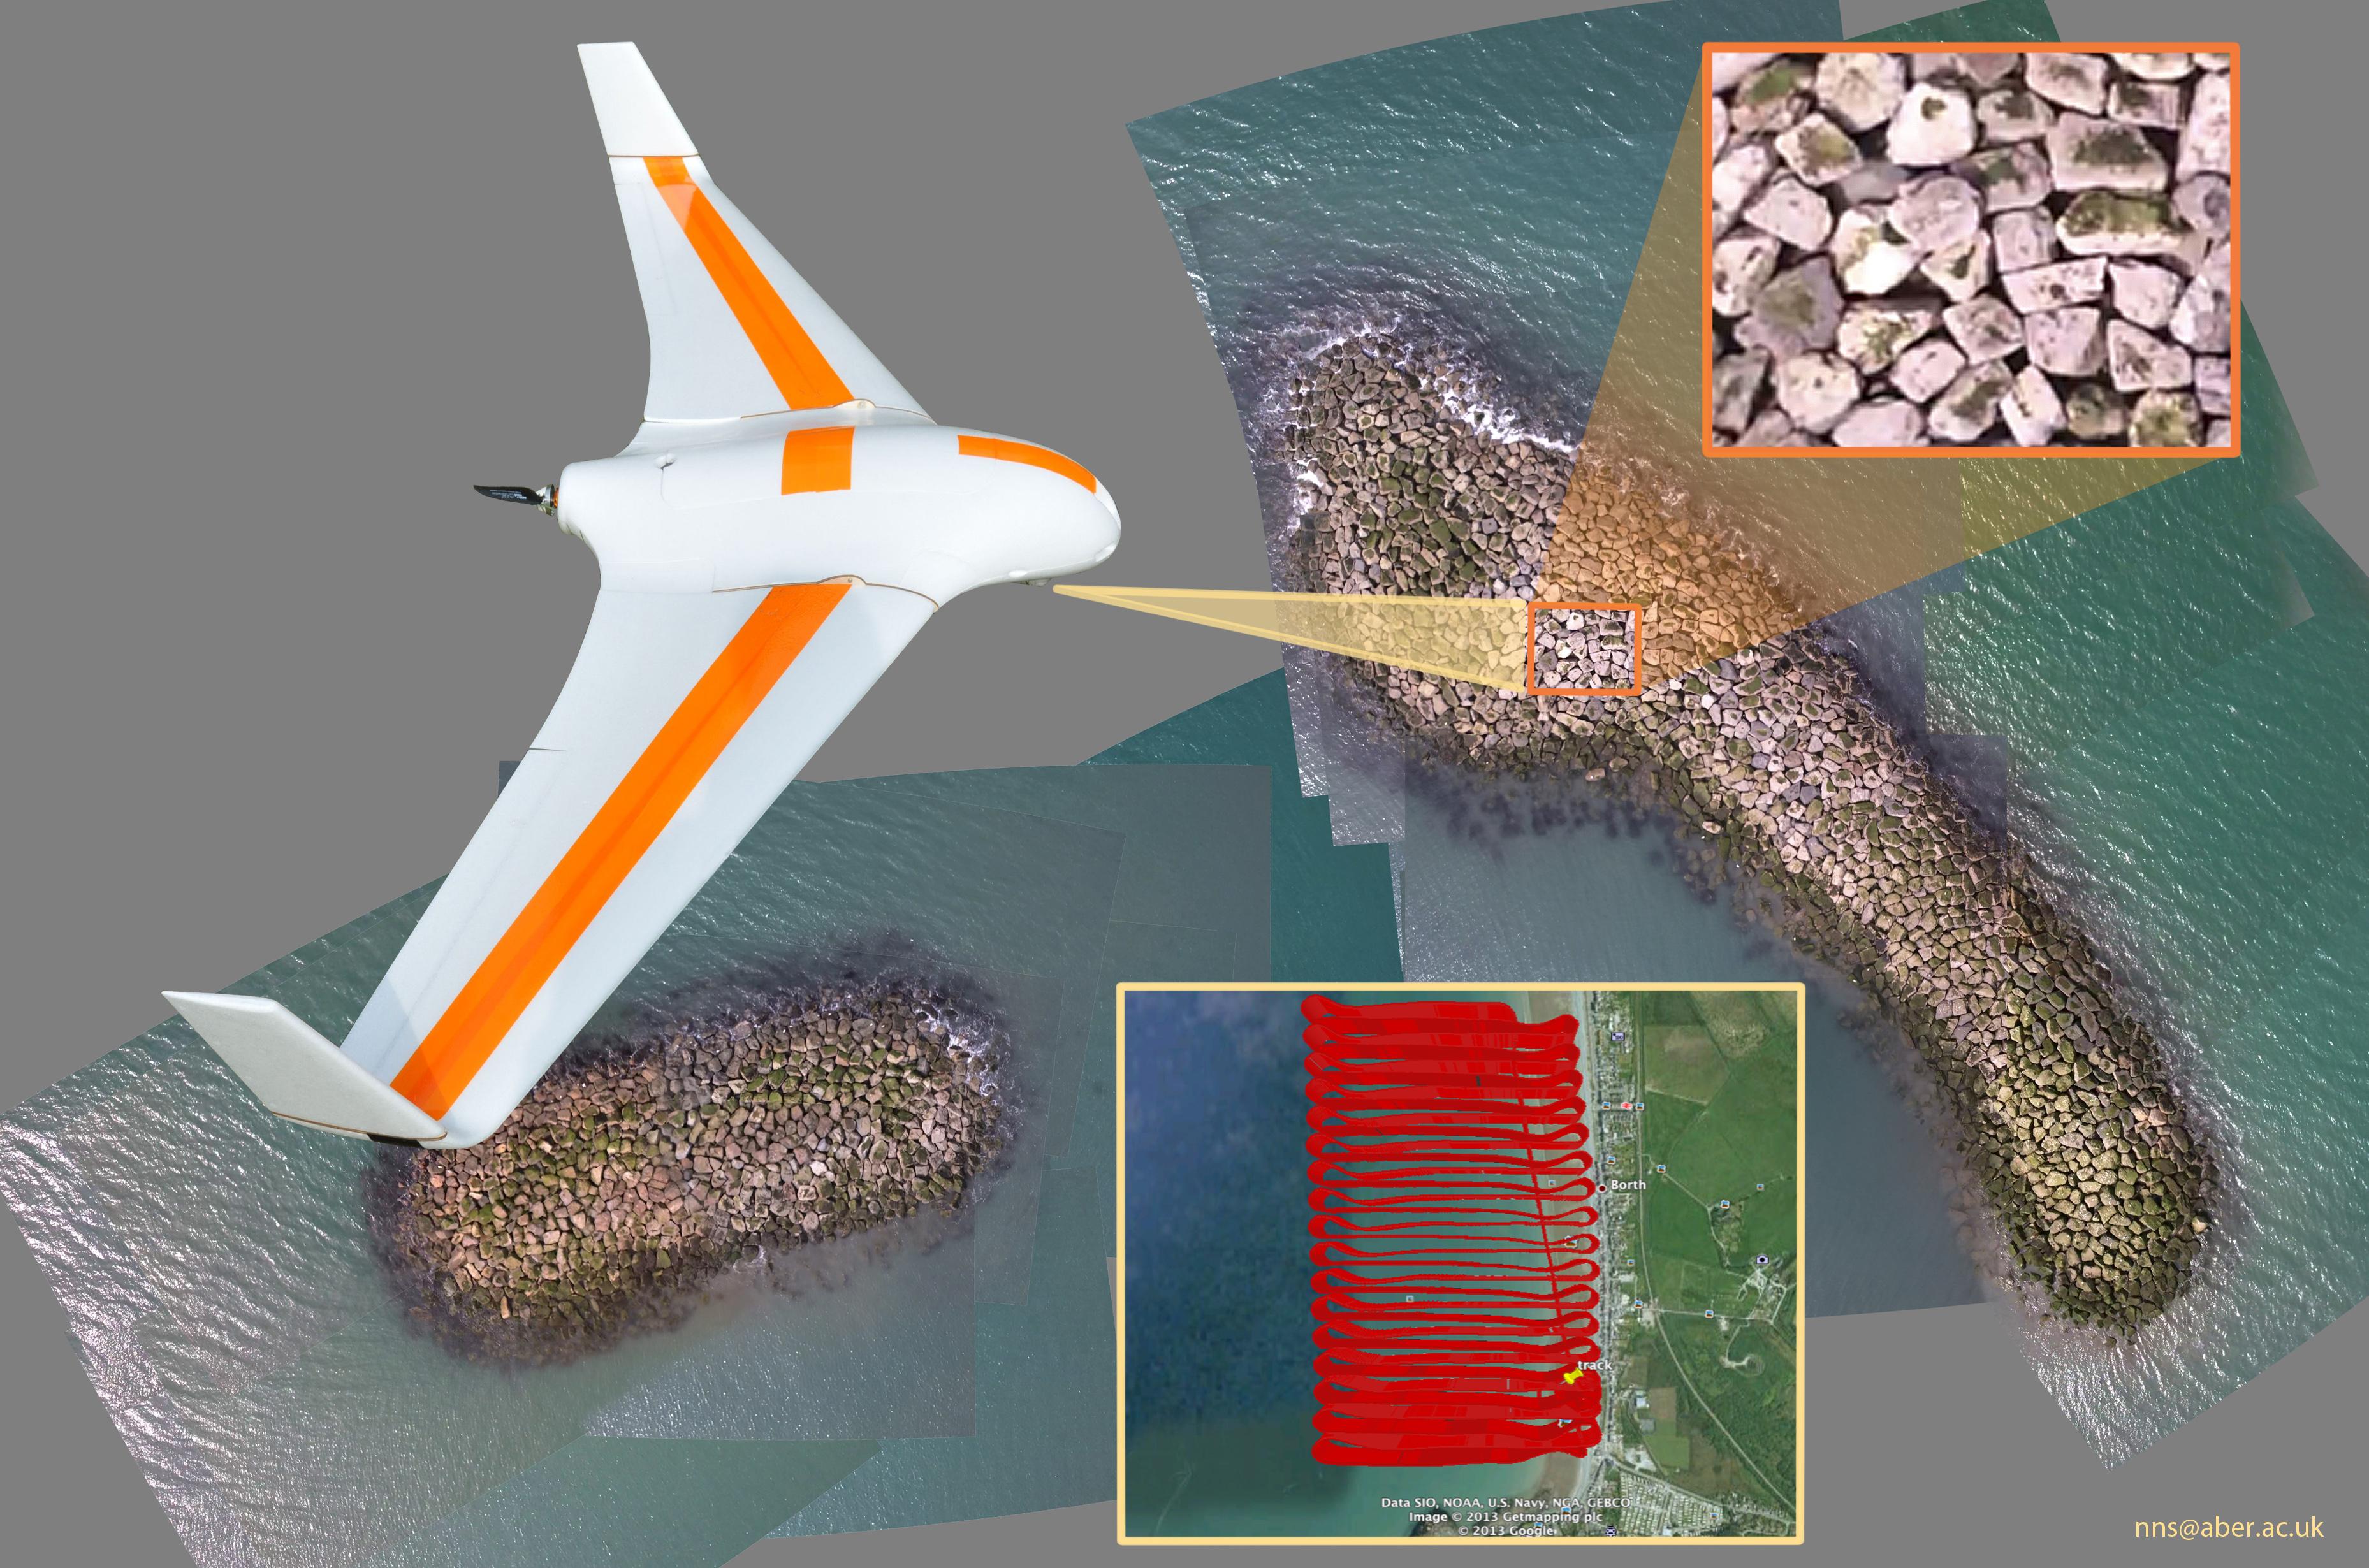 UAV Experiments